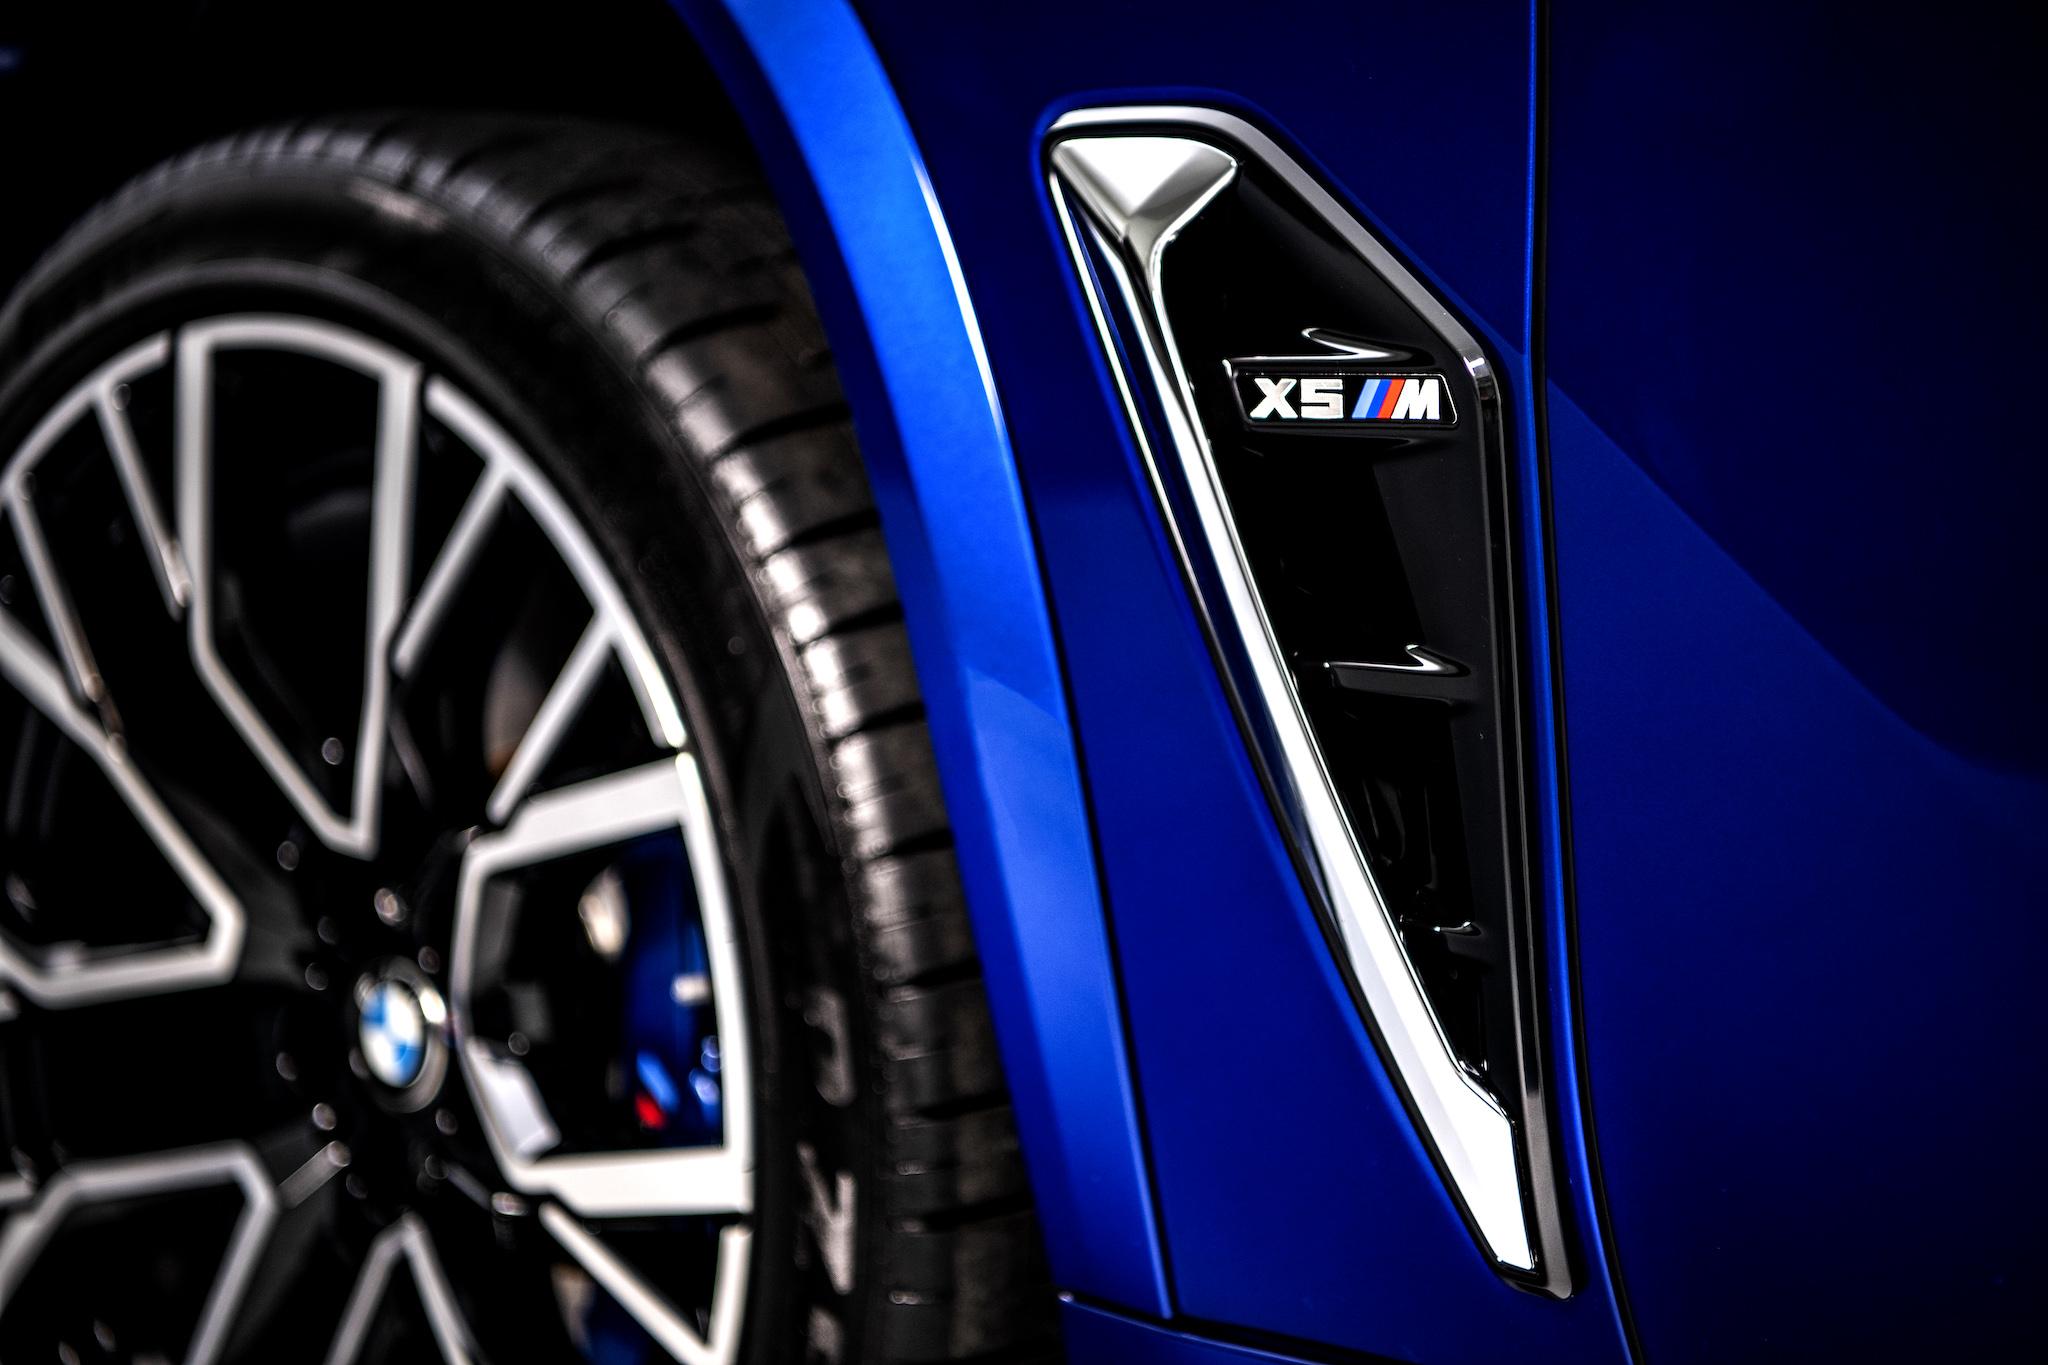 M 專屬車側導流氣孔提升高速行駛時的穩定性,降低空氣阻力的同時也幫助剎車散熱。